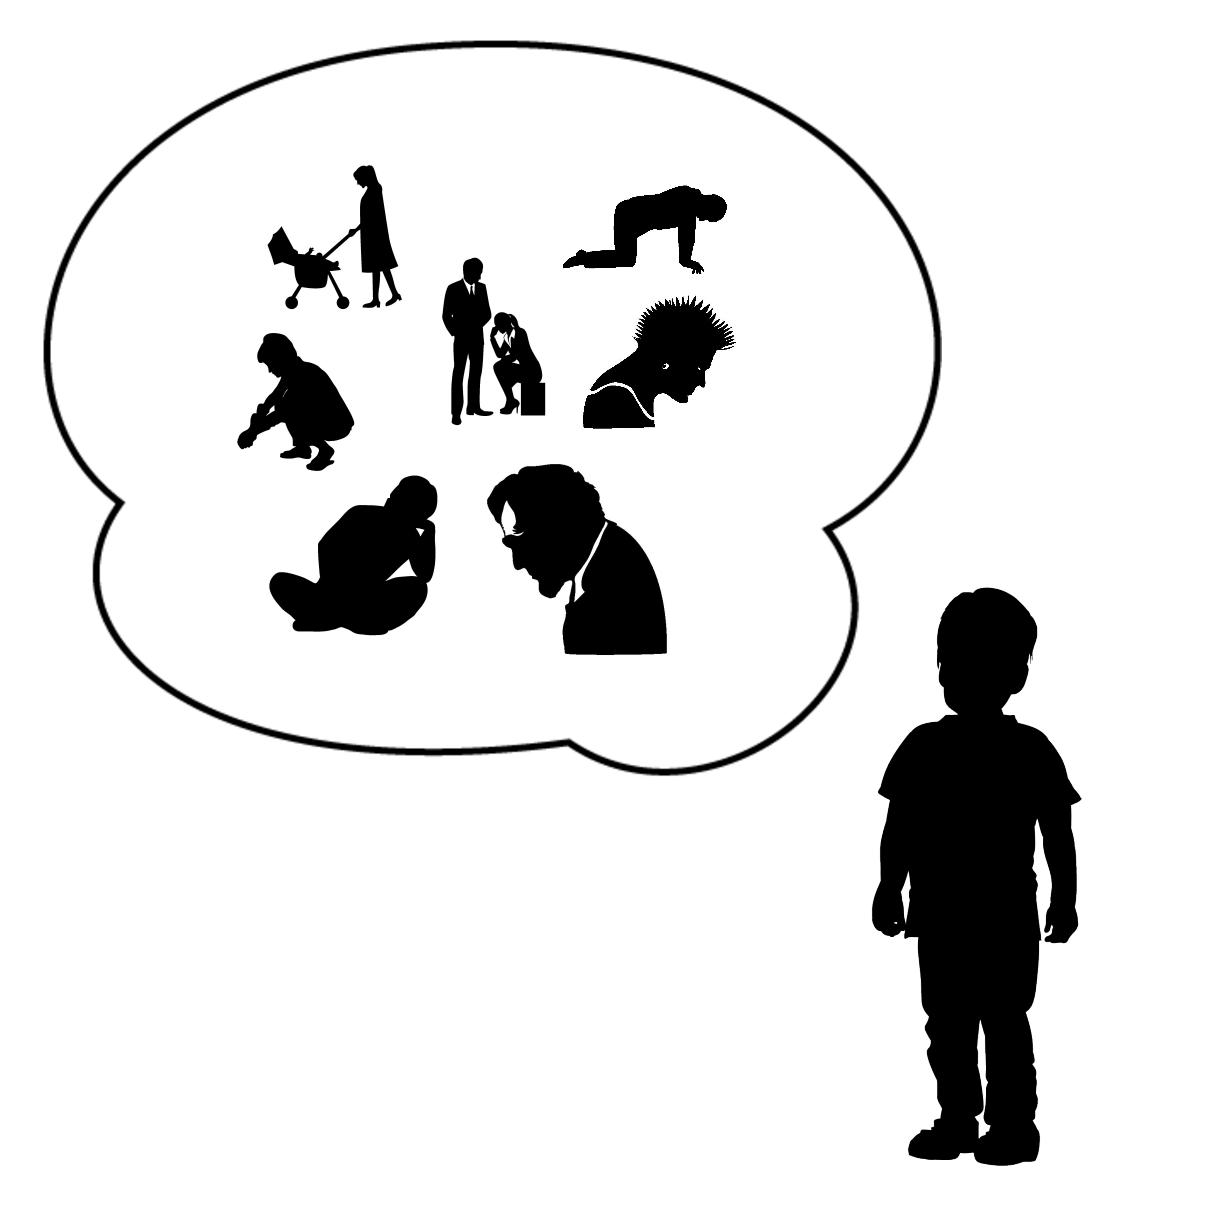 ロストワンタイプが抱える症状と問題を表しているイラスト